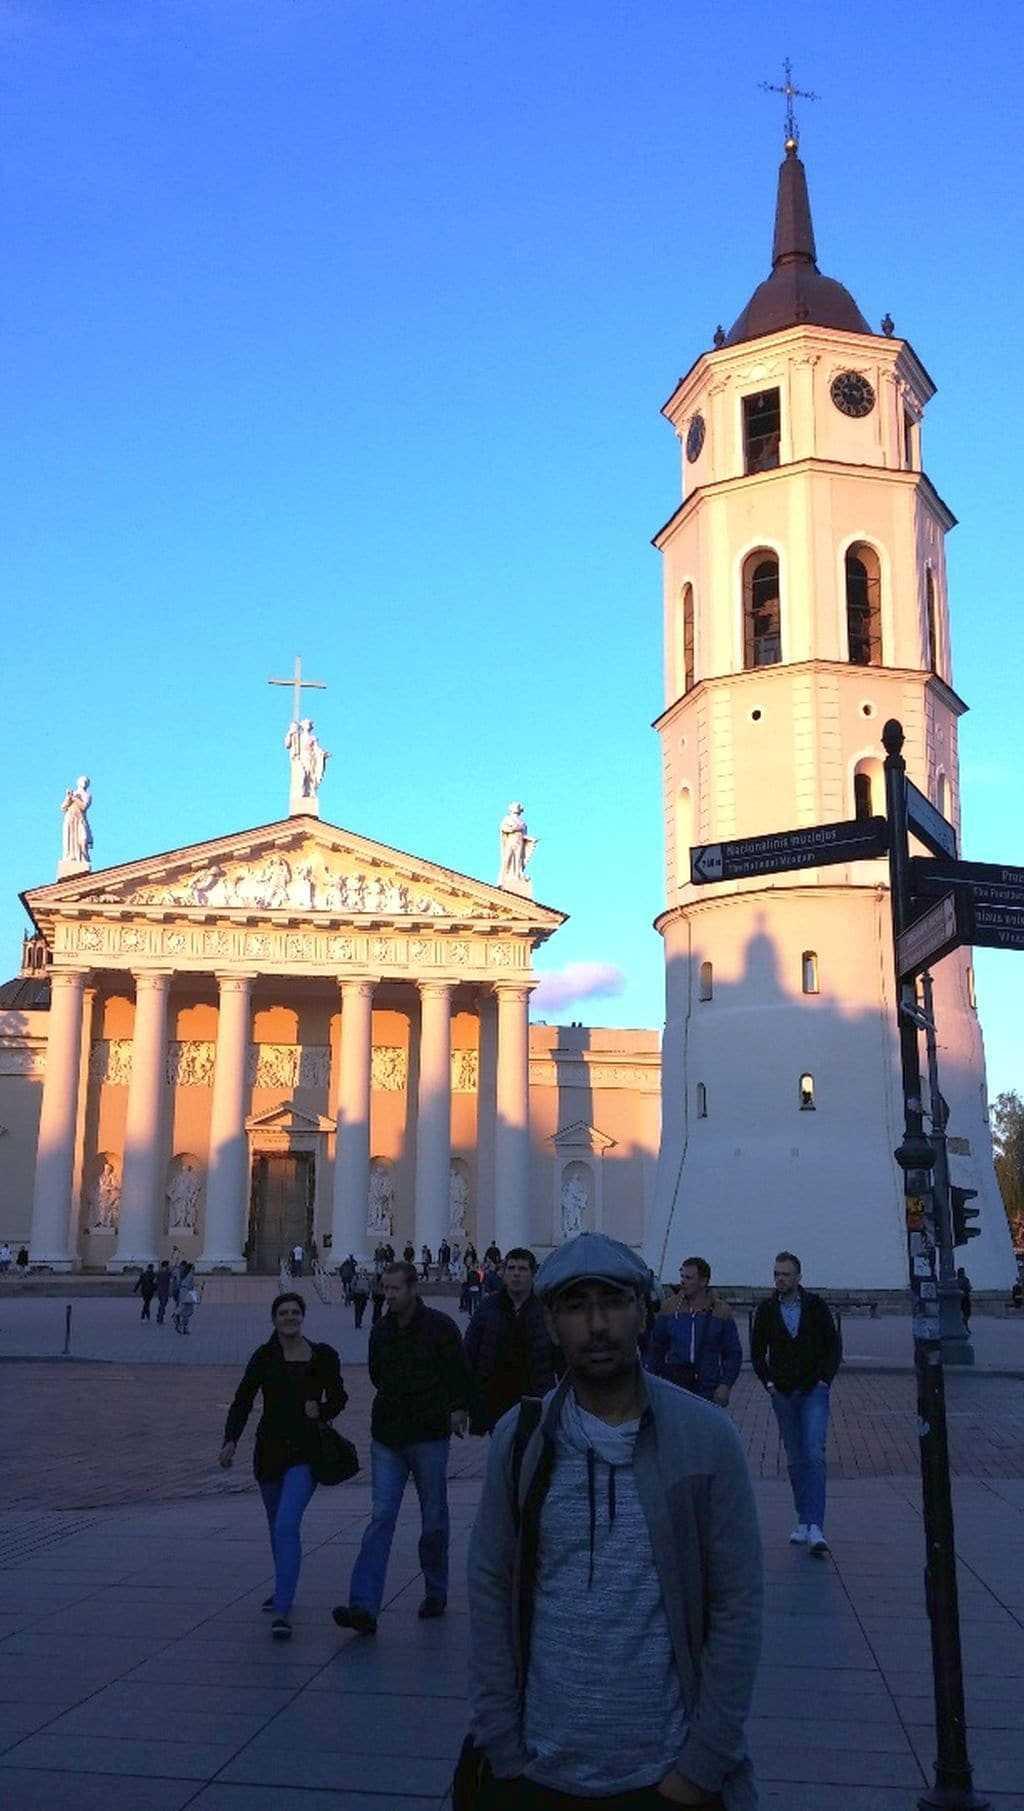 Basilika Katedrali ve Çan Kulesi